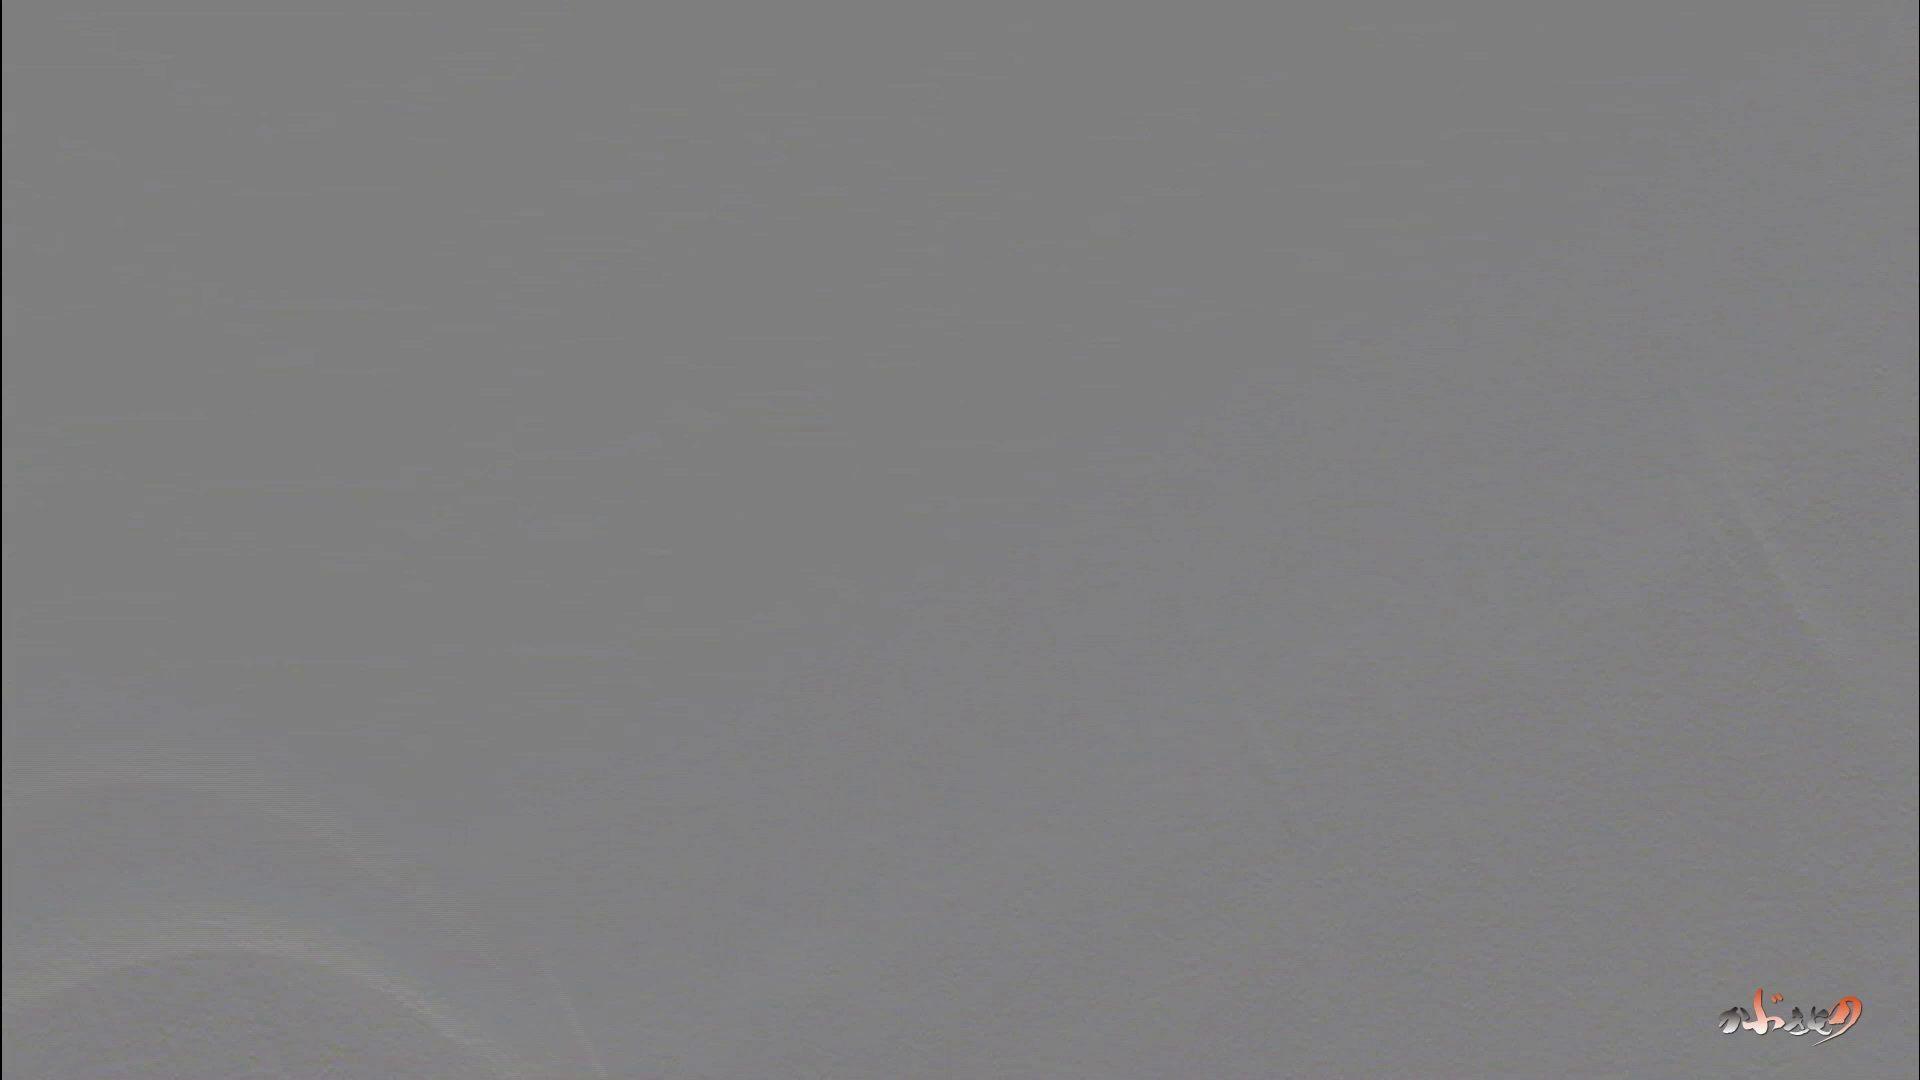 色情狂 「無料」サンプル01 桃色乳首 アダルト動画キャプチャ 110画像 83